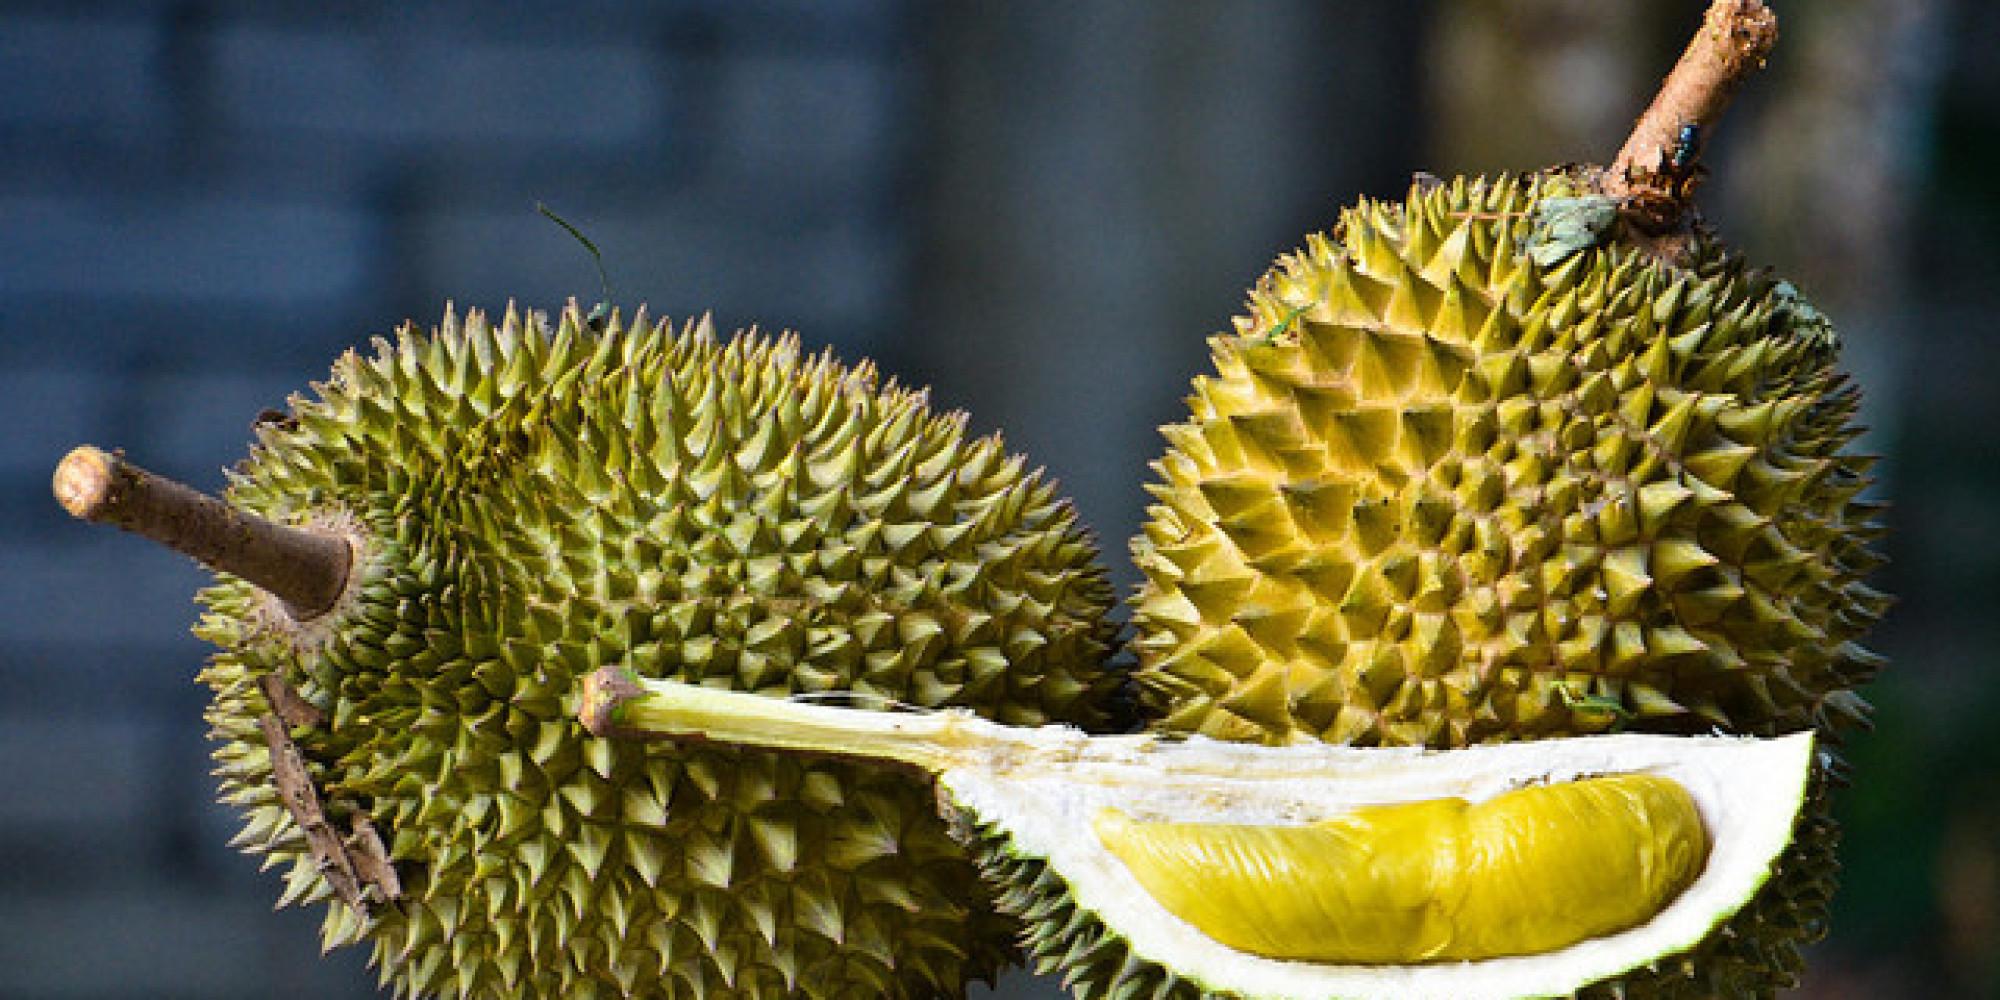 Дуриан - один из самых неприятных по запаху фруктов в мире. Фото: huffingtonpost.com